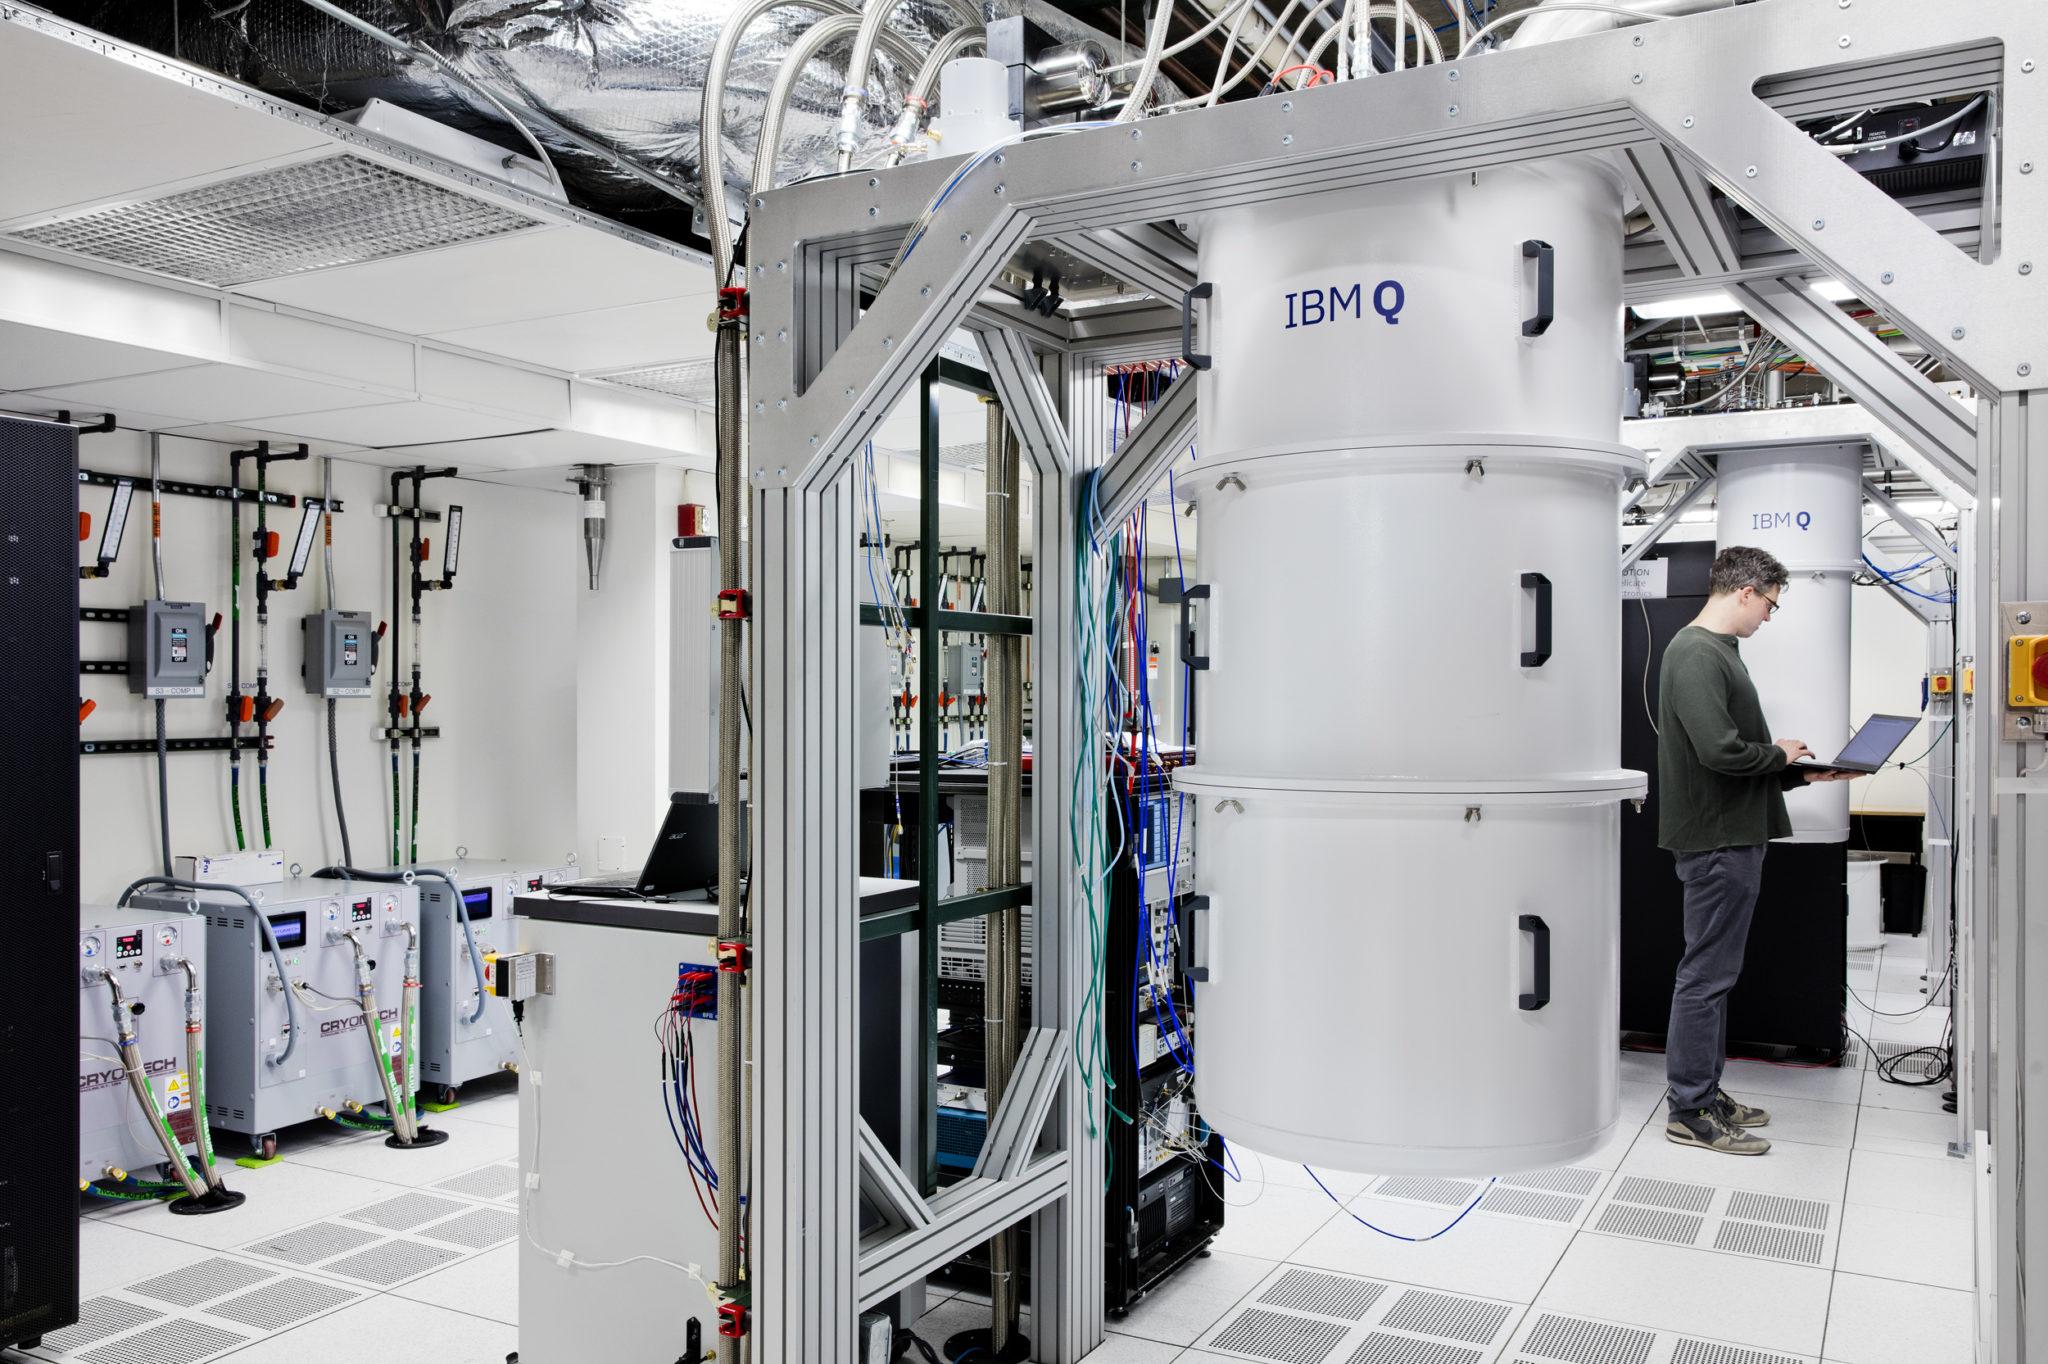 Die weisse Tonne im Bild enthält den IBM-Quantencomputer in New York. Das Labor darum herum ist nötig, da der Qubit-Chip für die Berechnungen extrem kalt und vor elektromagnetischer Strahlung geschützt sein muss.